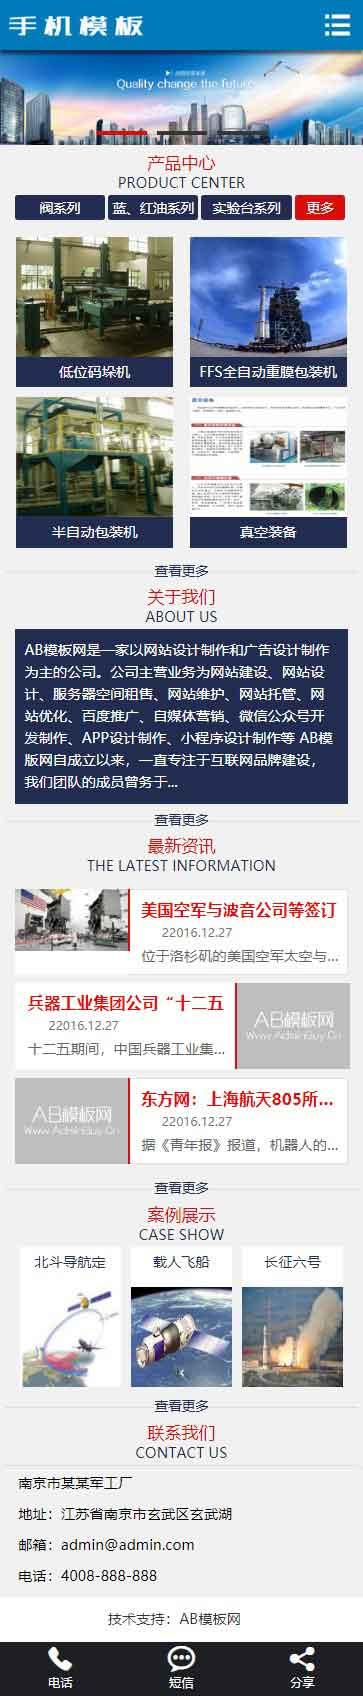 织梦航天科技企业网站dedecms网站模板源码含织梦手机端数据同步